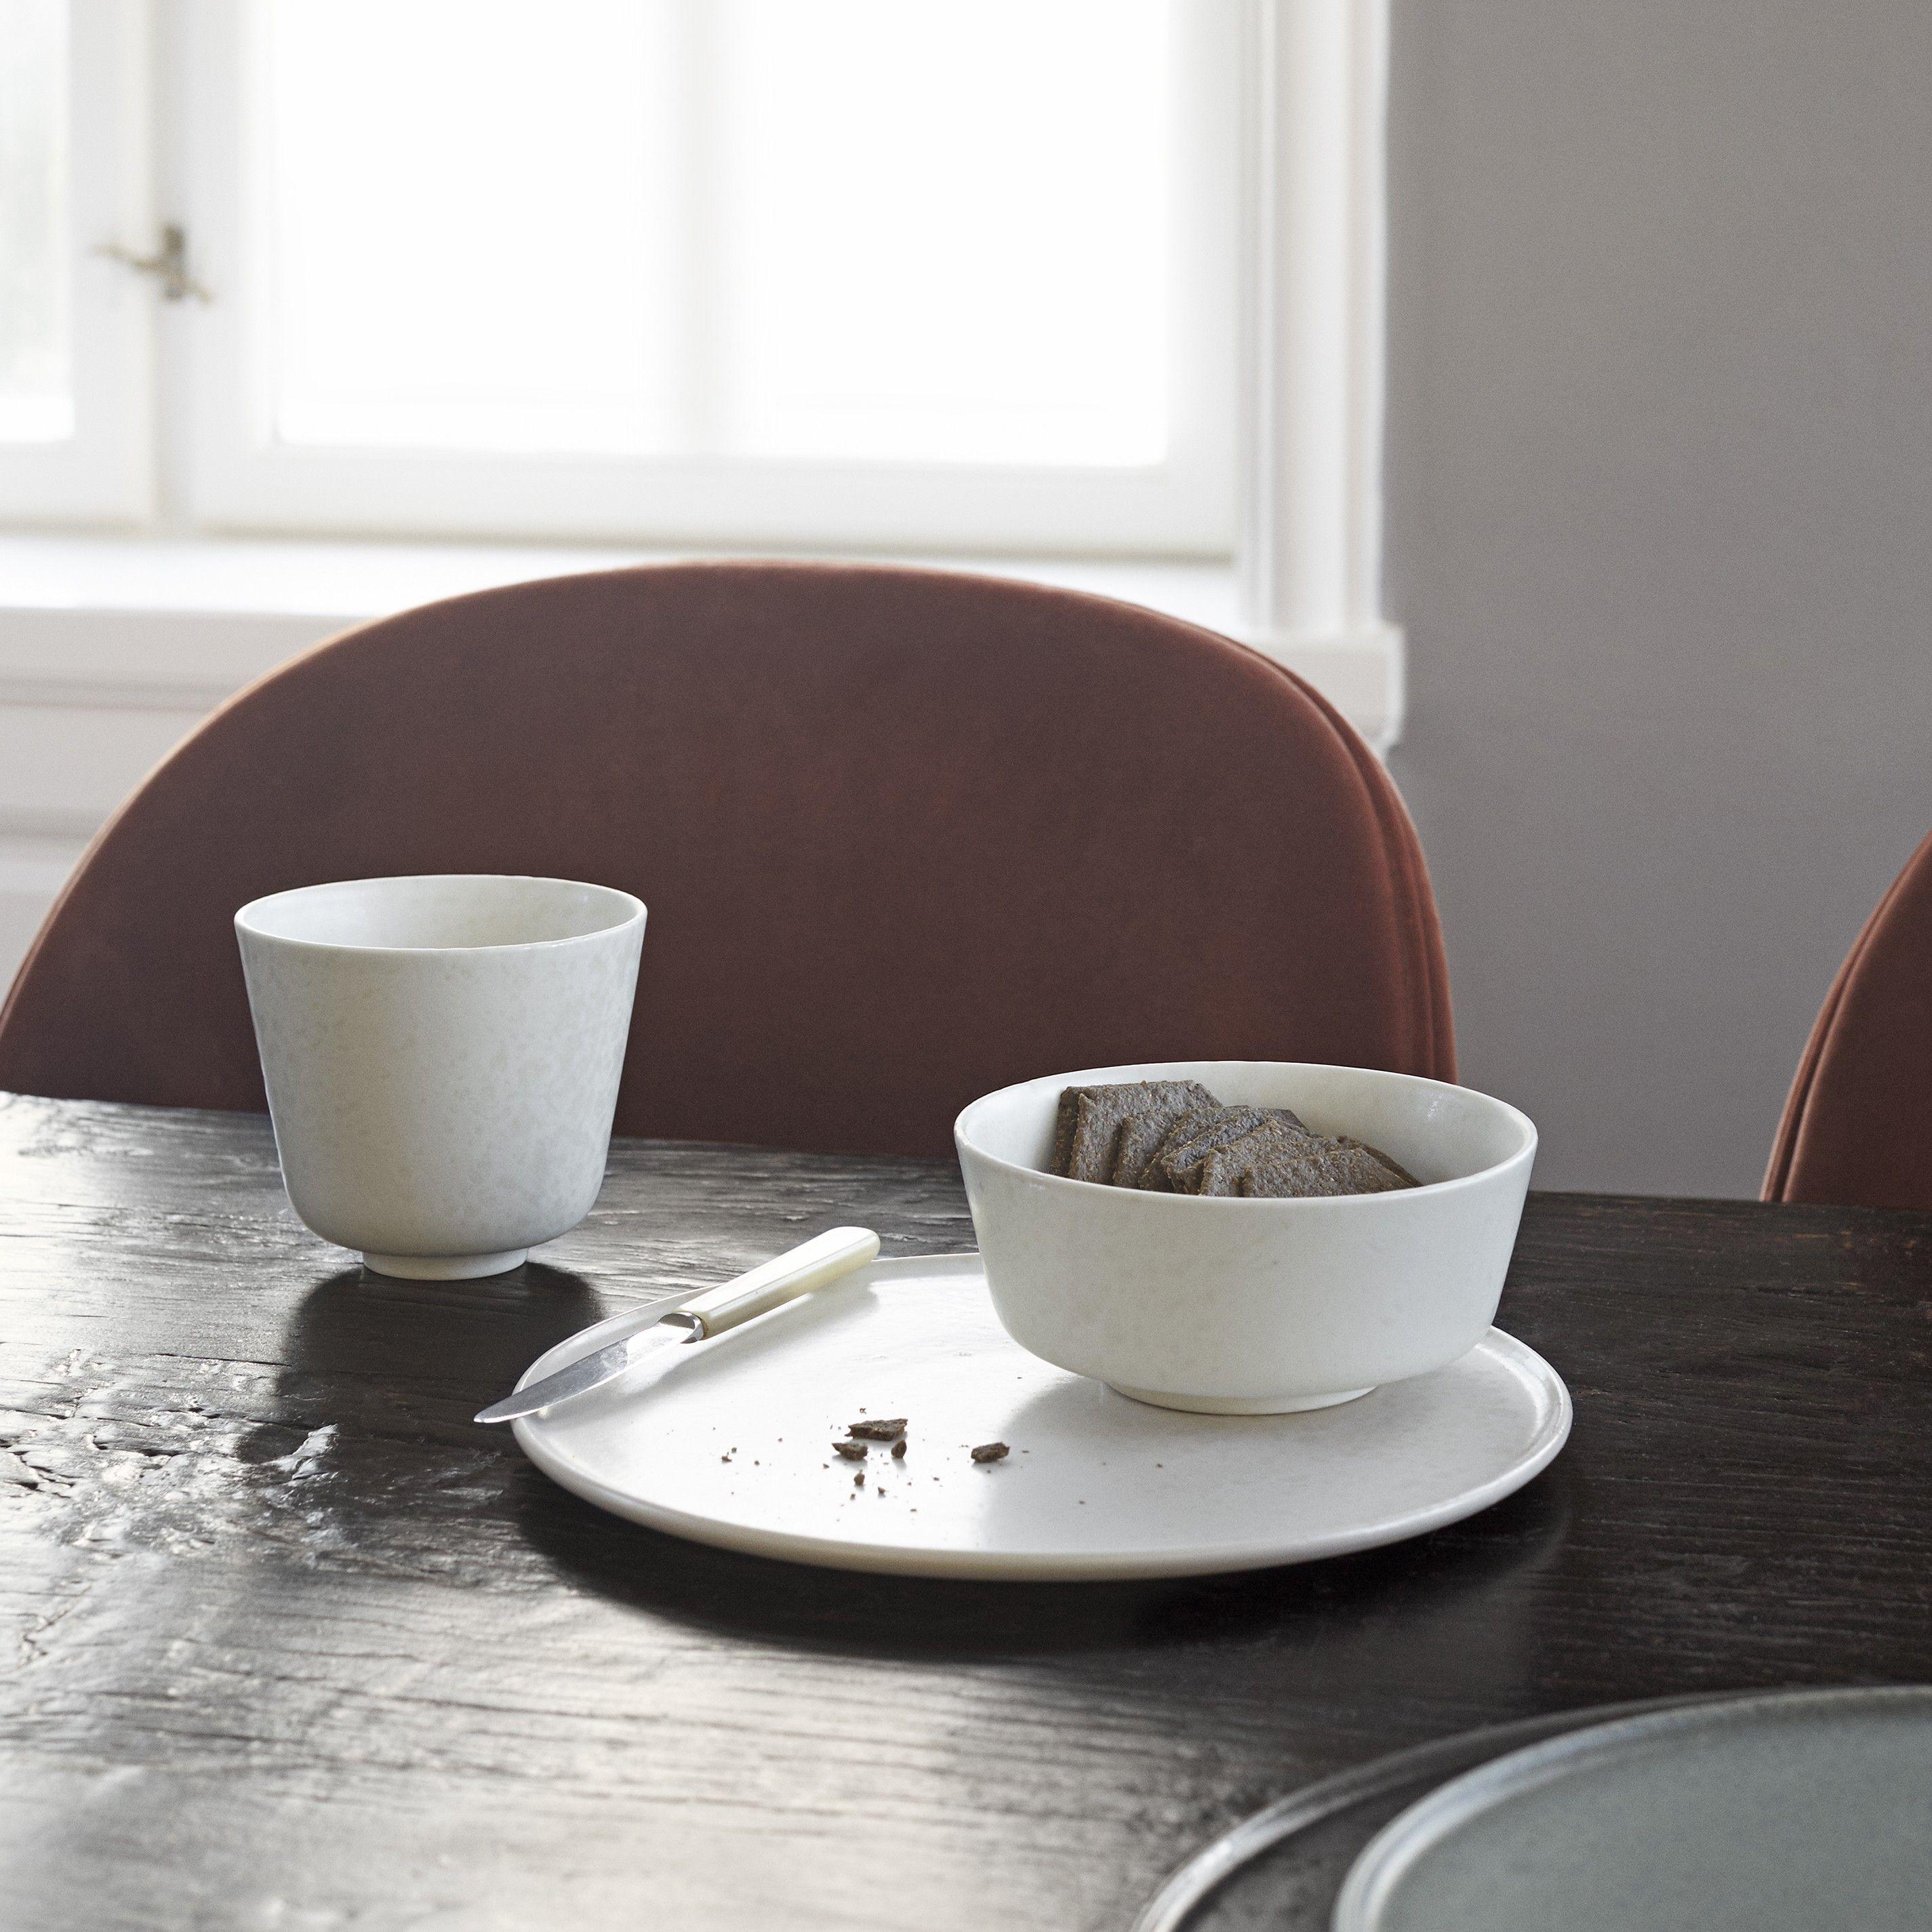 Super flot keramikserie fra Kähler - Ombria. 149,50 for skål eller op, 169/199 for tallerken (lille/stor)